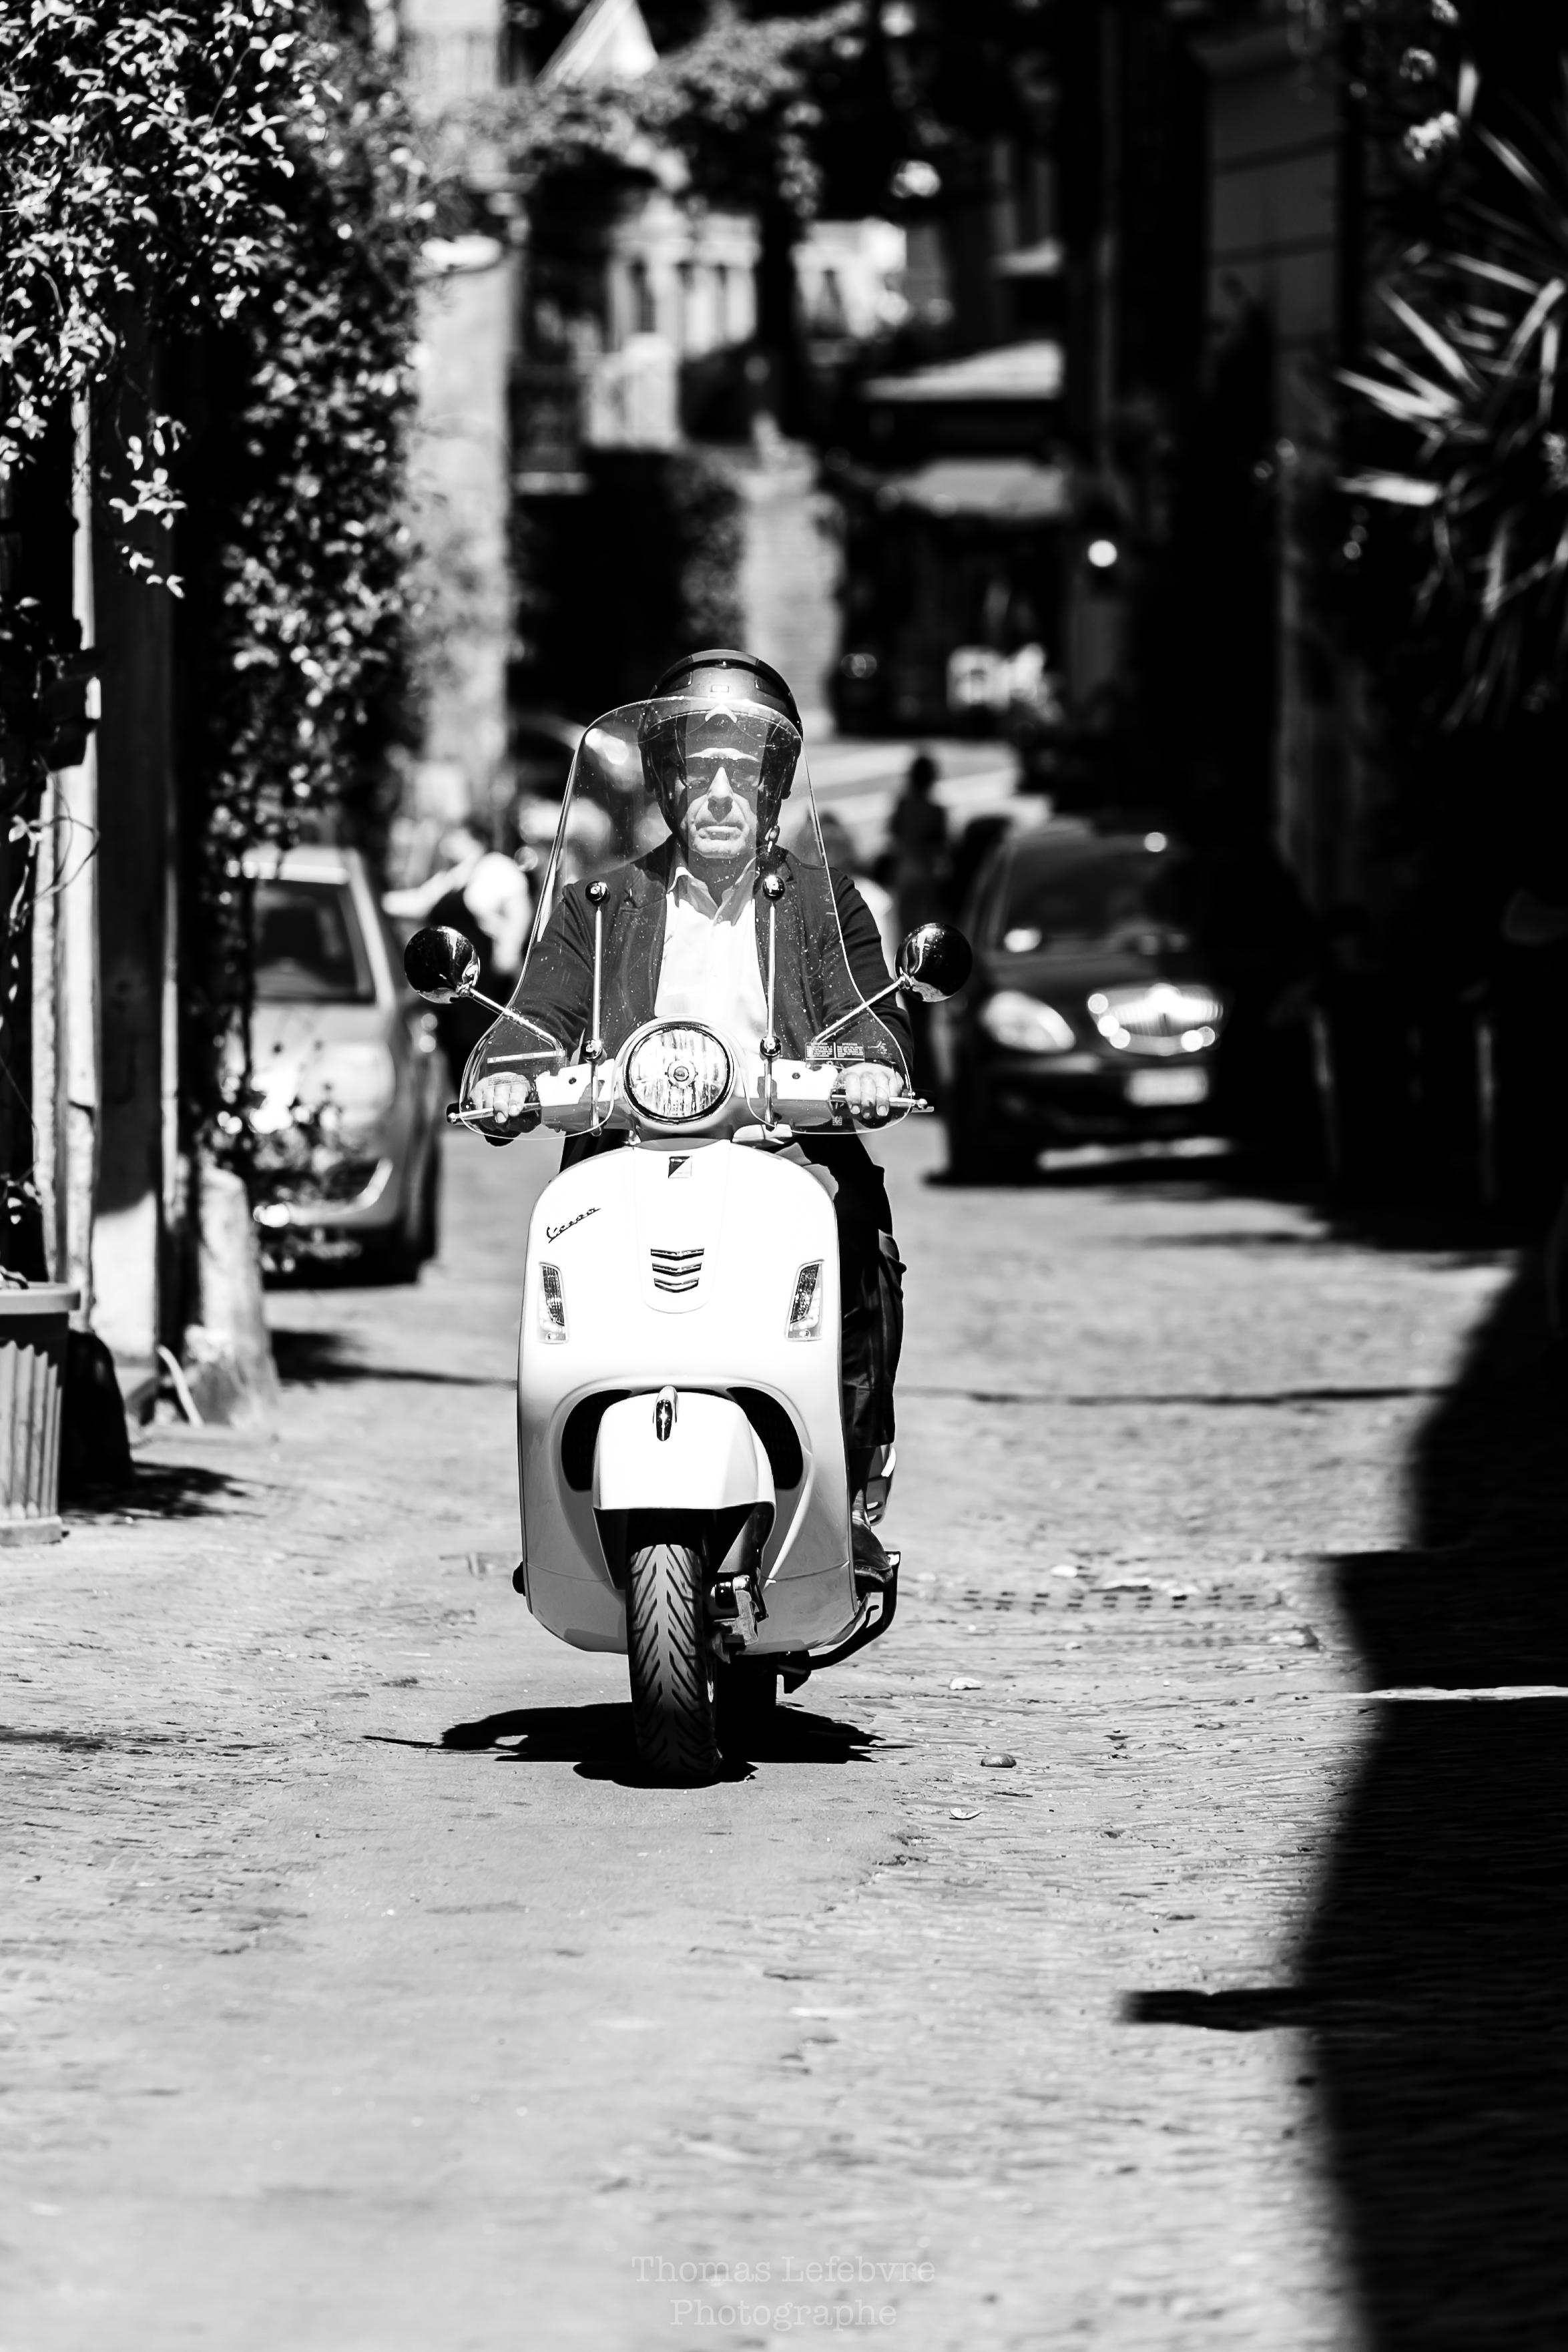 ROMA/ITALY